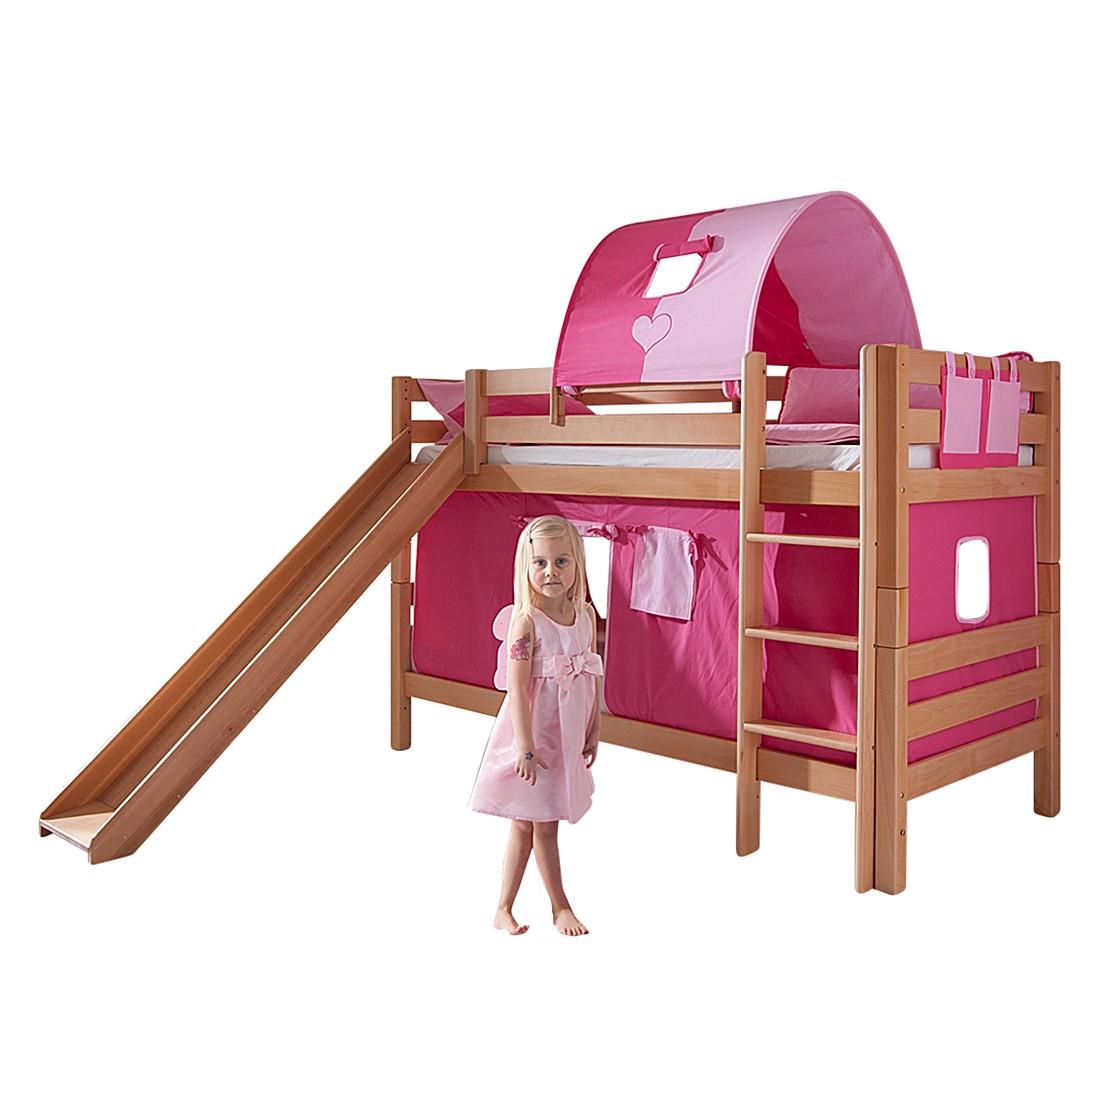 Spielbett Beni - Buche massiv - Natur lackiert/Textil Pink-Rosa - mit Rutsche, Vorhang, Tunnel und Tasche -, Relita